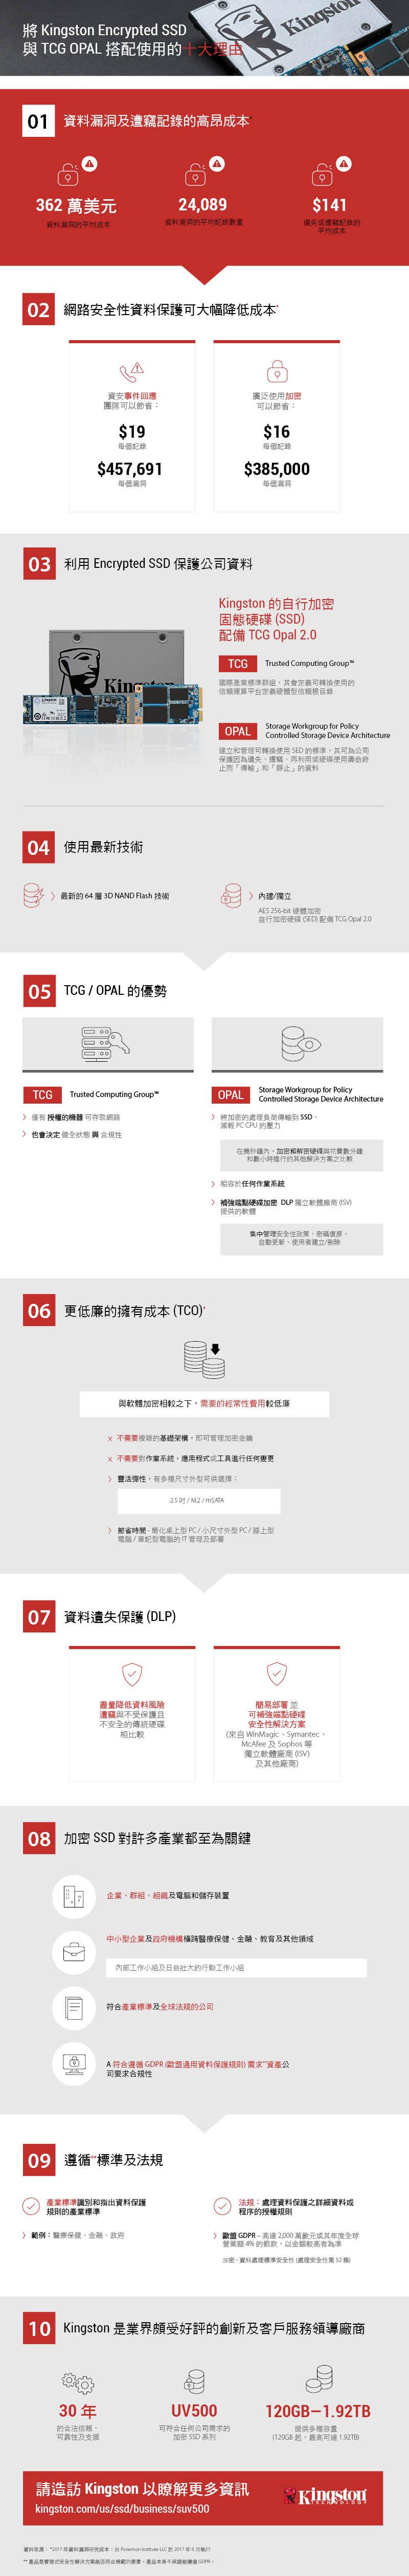 將 Kingston Encrypted SSD 與 TCG OPAL 搭配使用的十大理由